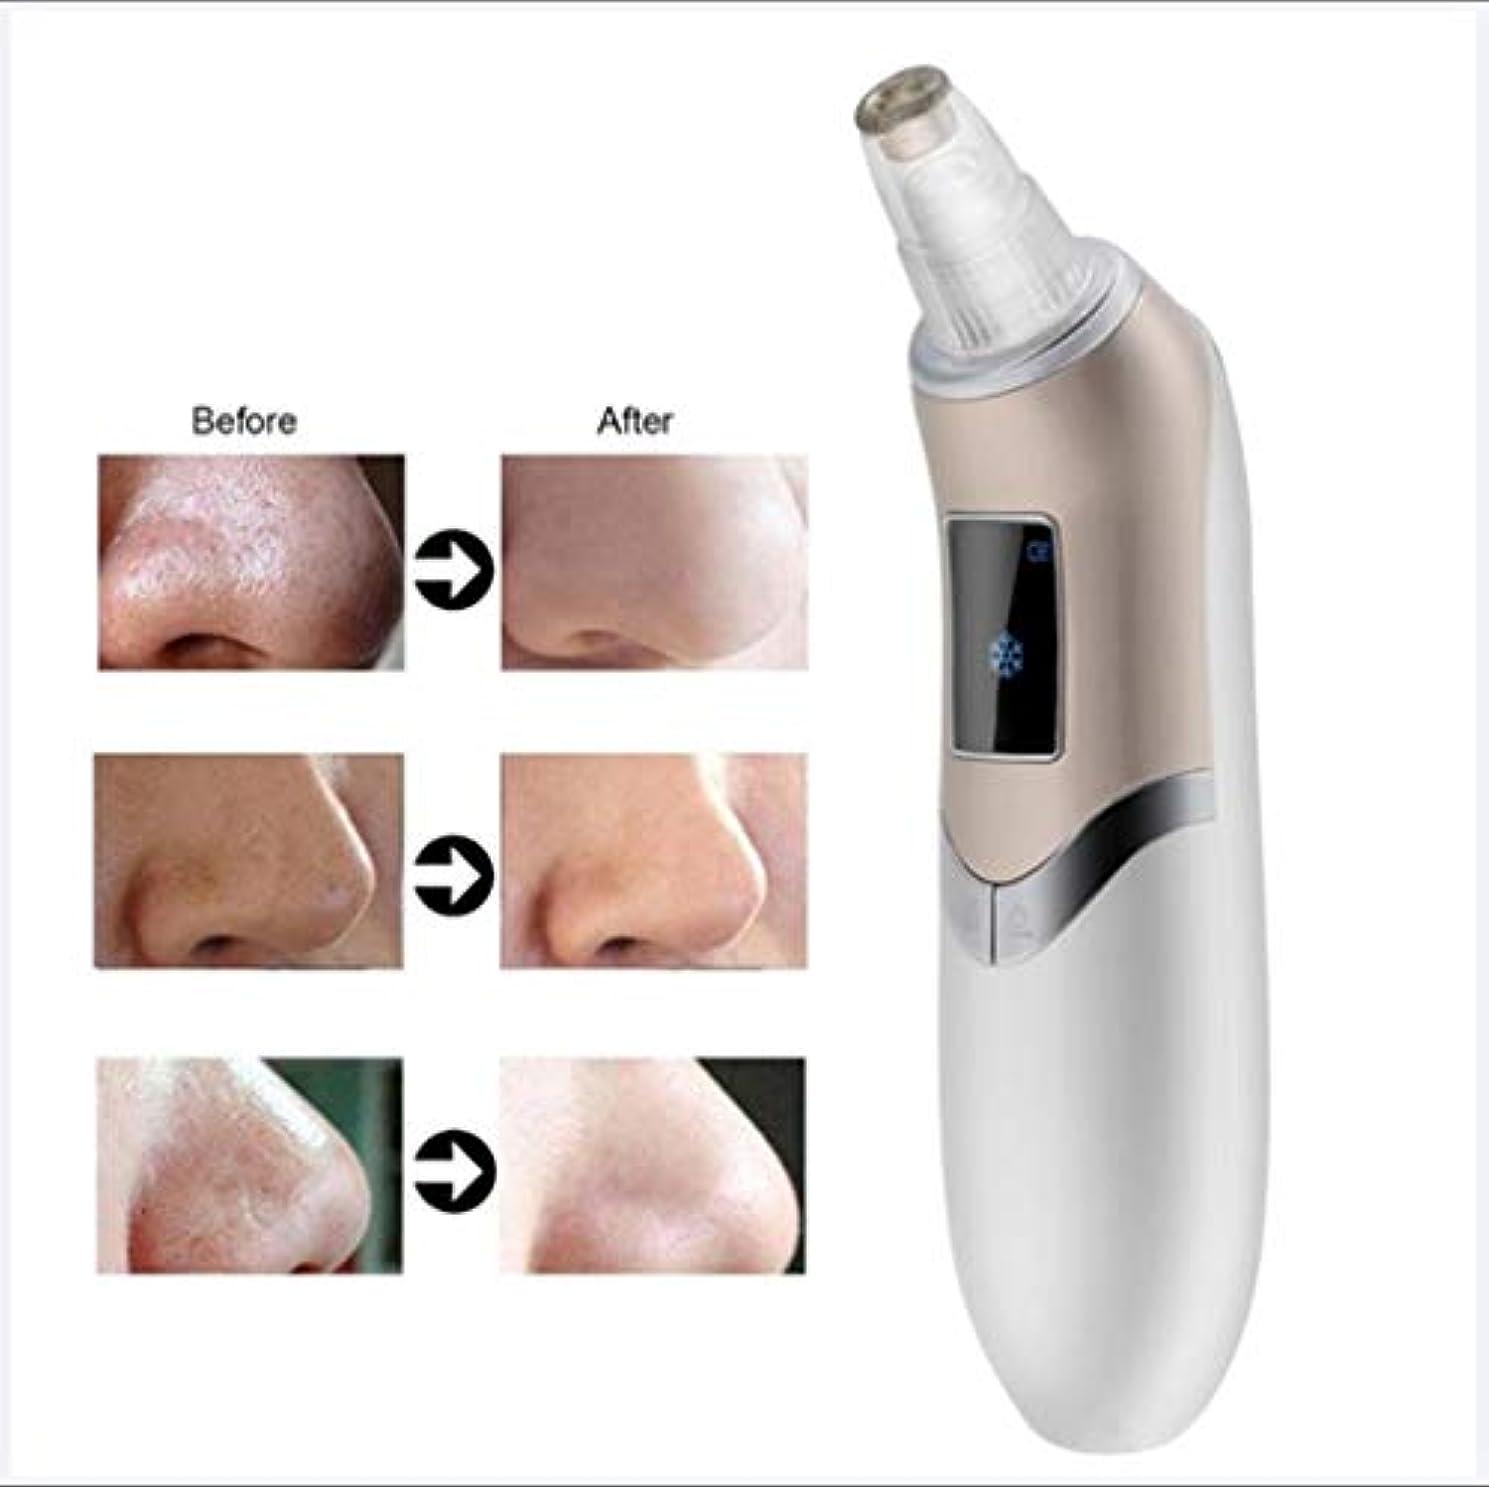 可能性きしむうれしい洗顔料 - にきび掃除機 - 電気にきびマイクロダーマブレーション - 美容